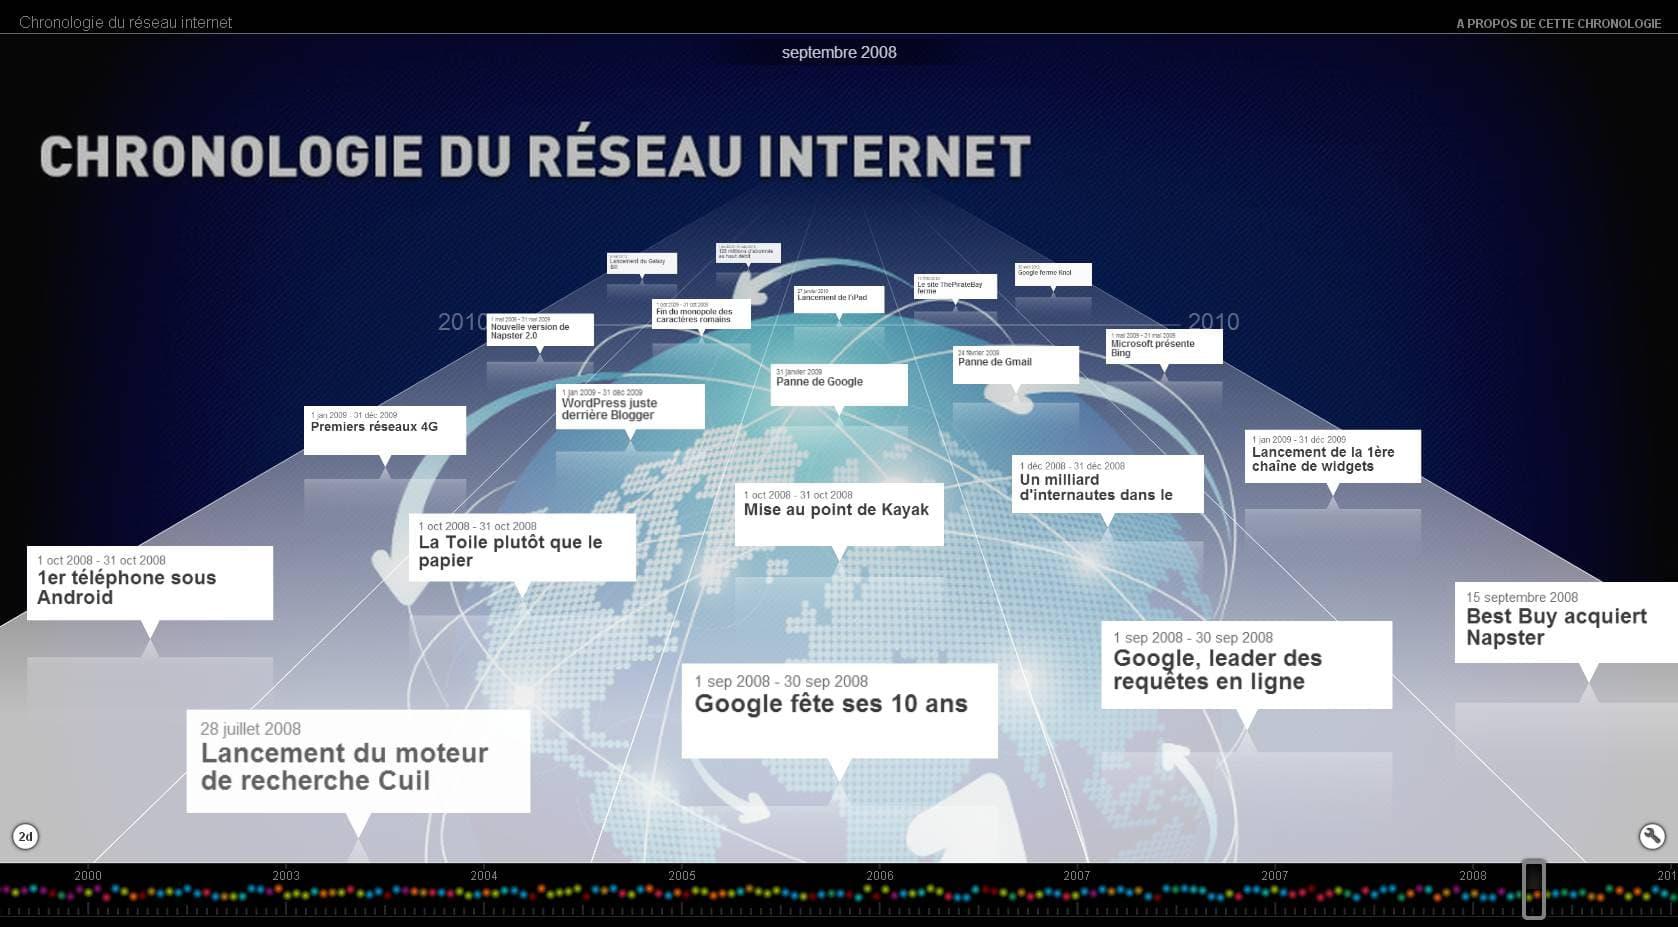 Frise chronologique du réseau internet en 2D et 3D